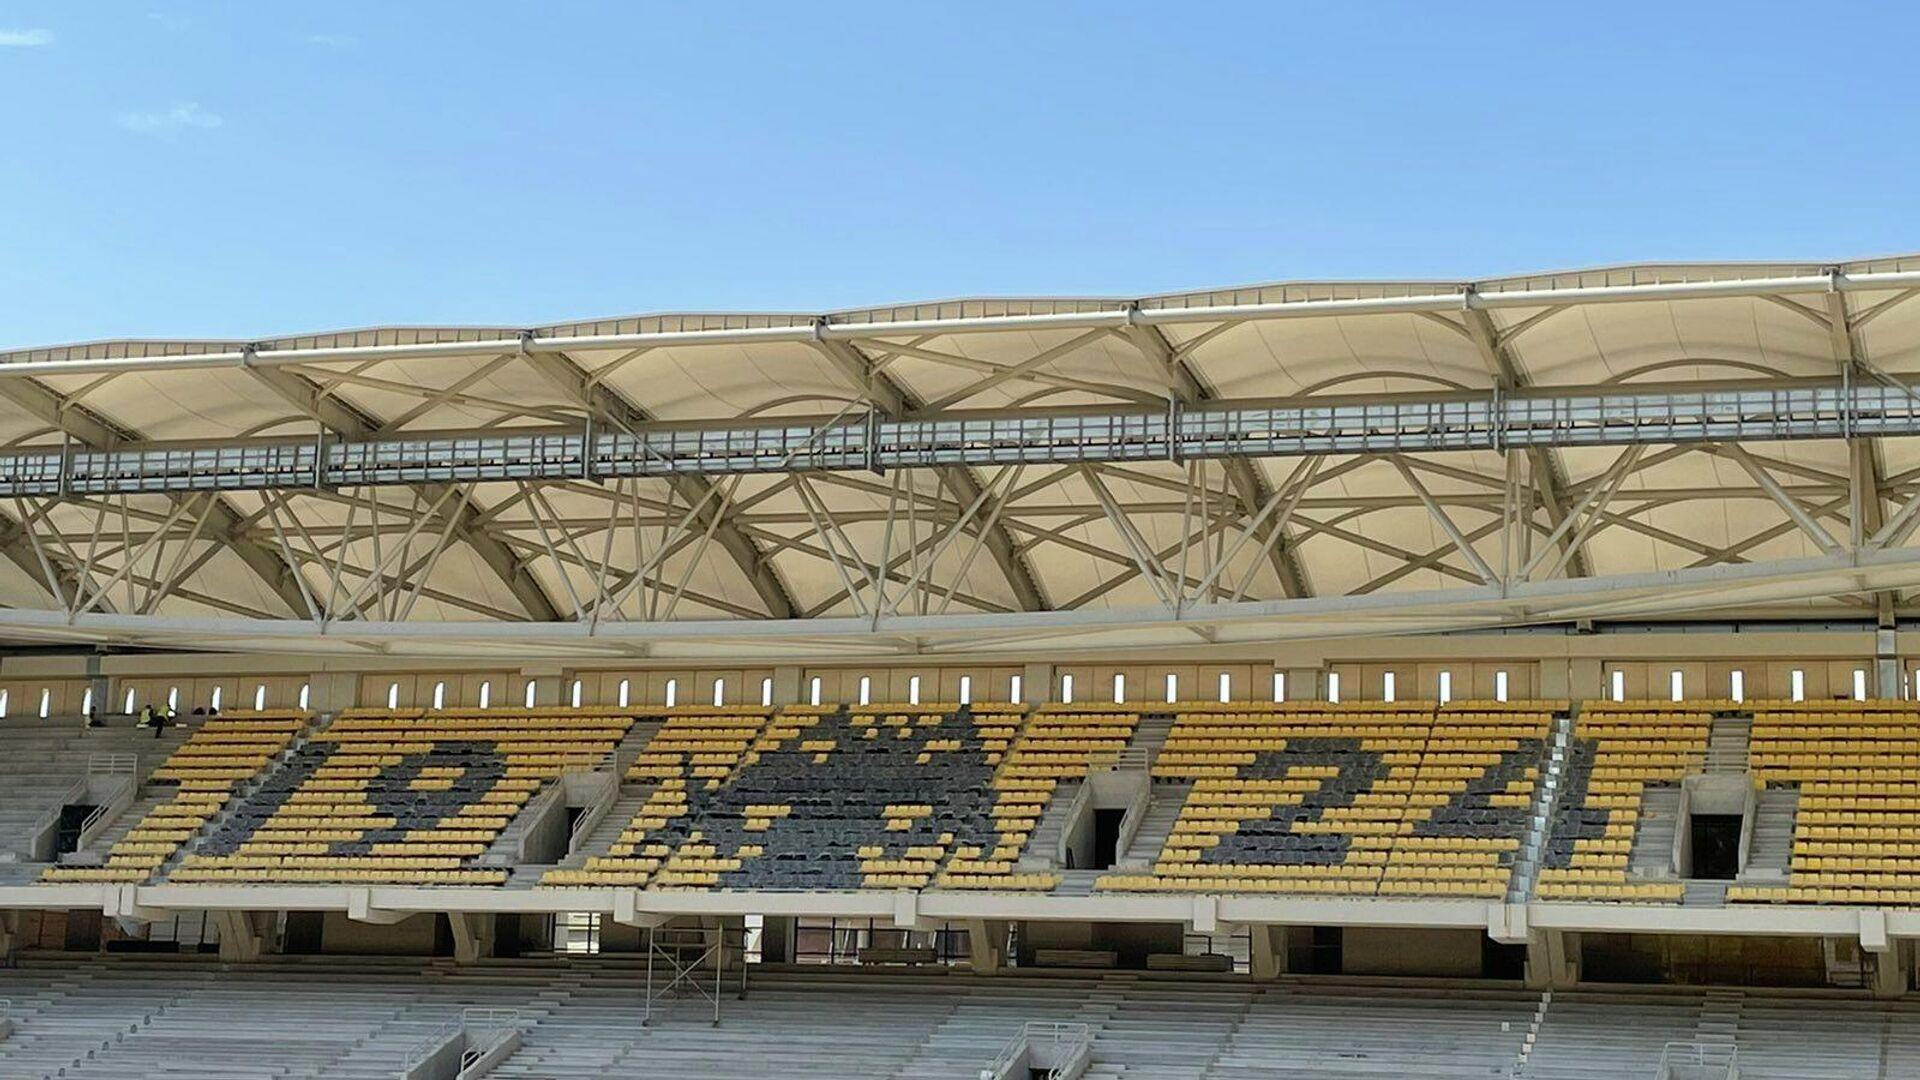 Το Sputnik στο γήπεδο της ΑΕΚ την «Αγιά Σοφιά» - Τα καθίσματα 1924 - Sputnik Ελλάδα, 1920, 03.10.2021